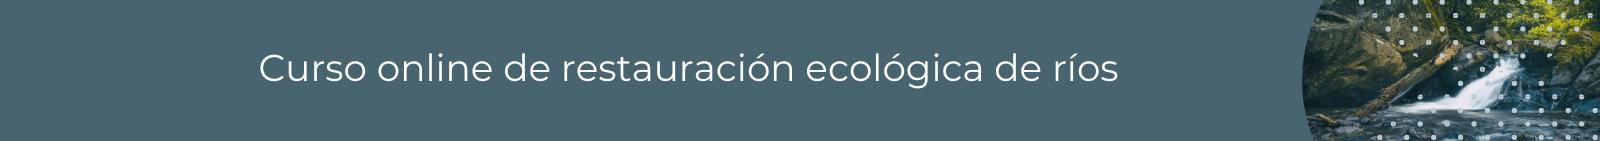 curso online restauración ecológica de ríos